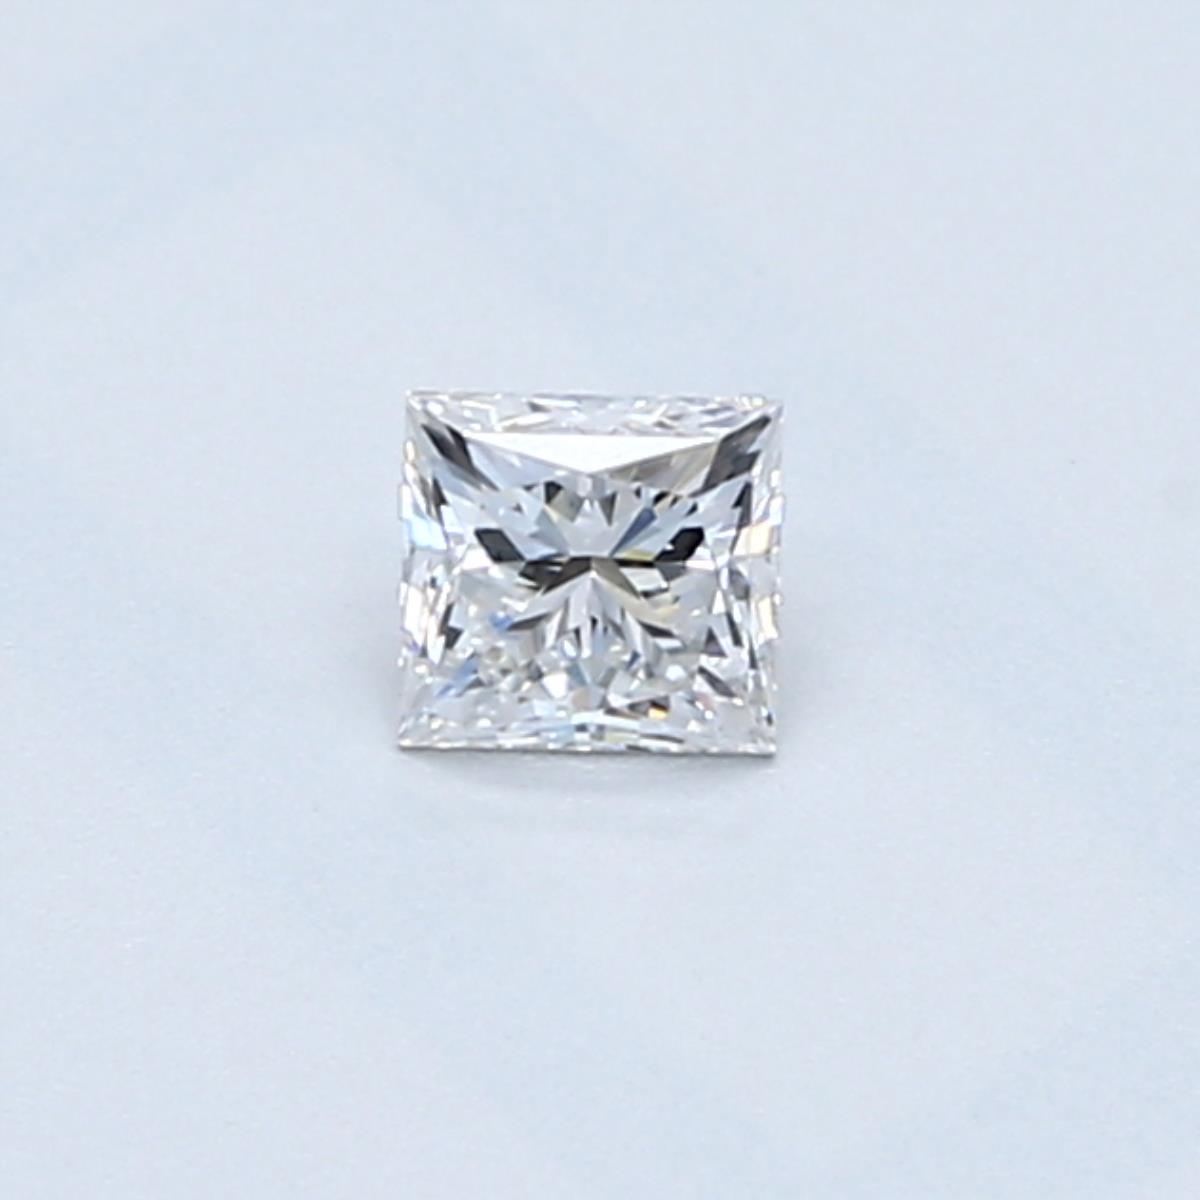 0.27 PR Diamond (G, VVS2)